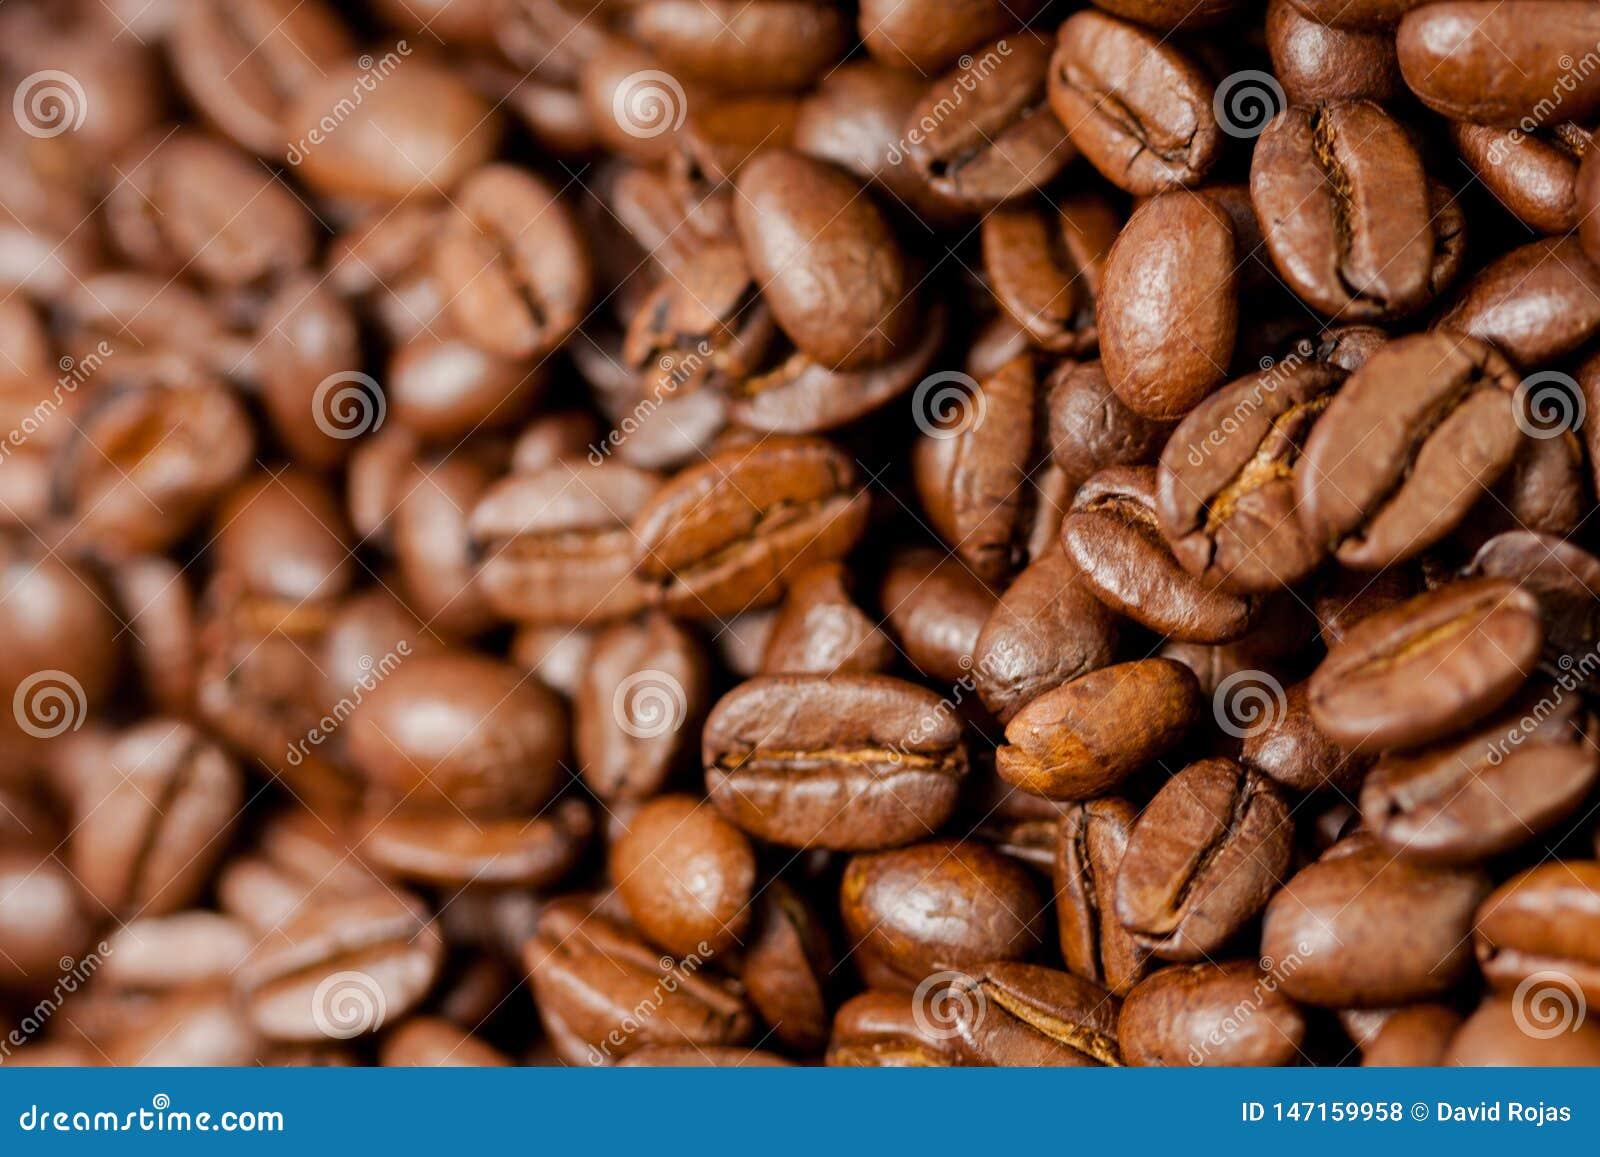 Свежо смолол кофейные зерна зажаренный в духовке с плодами завода кофе, полными зерен